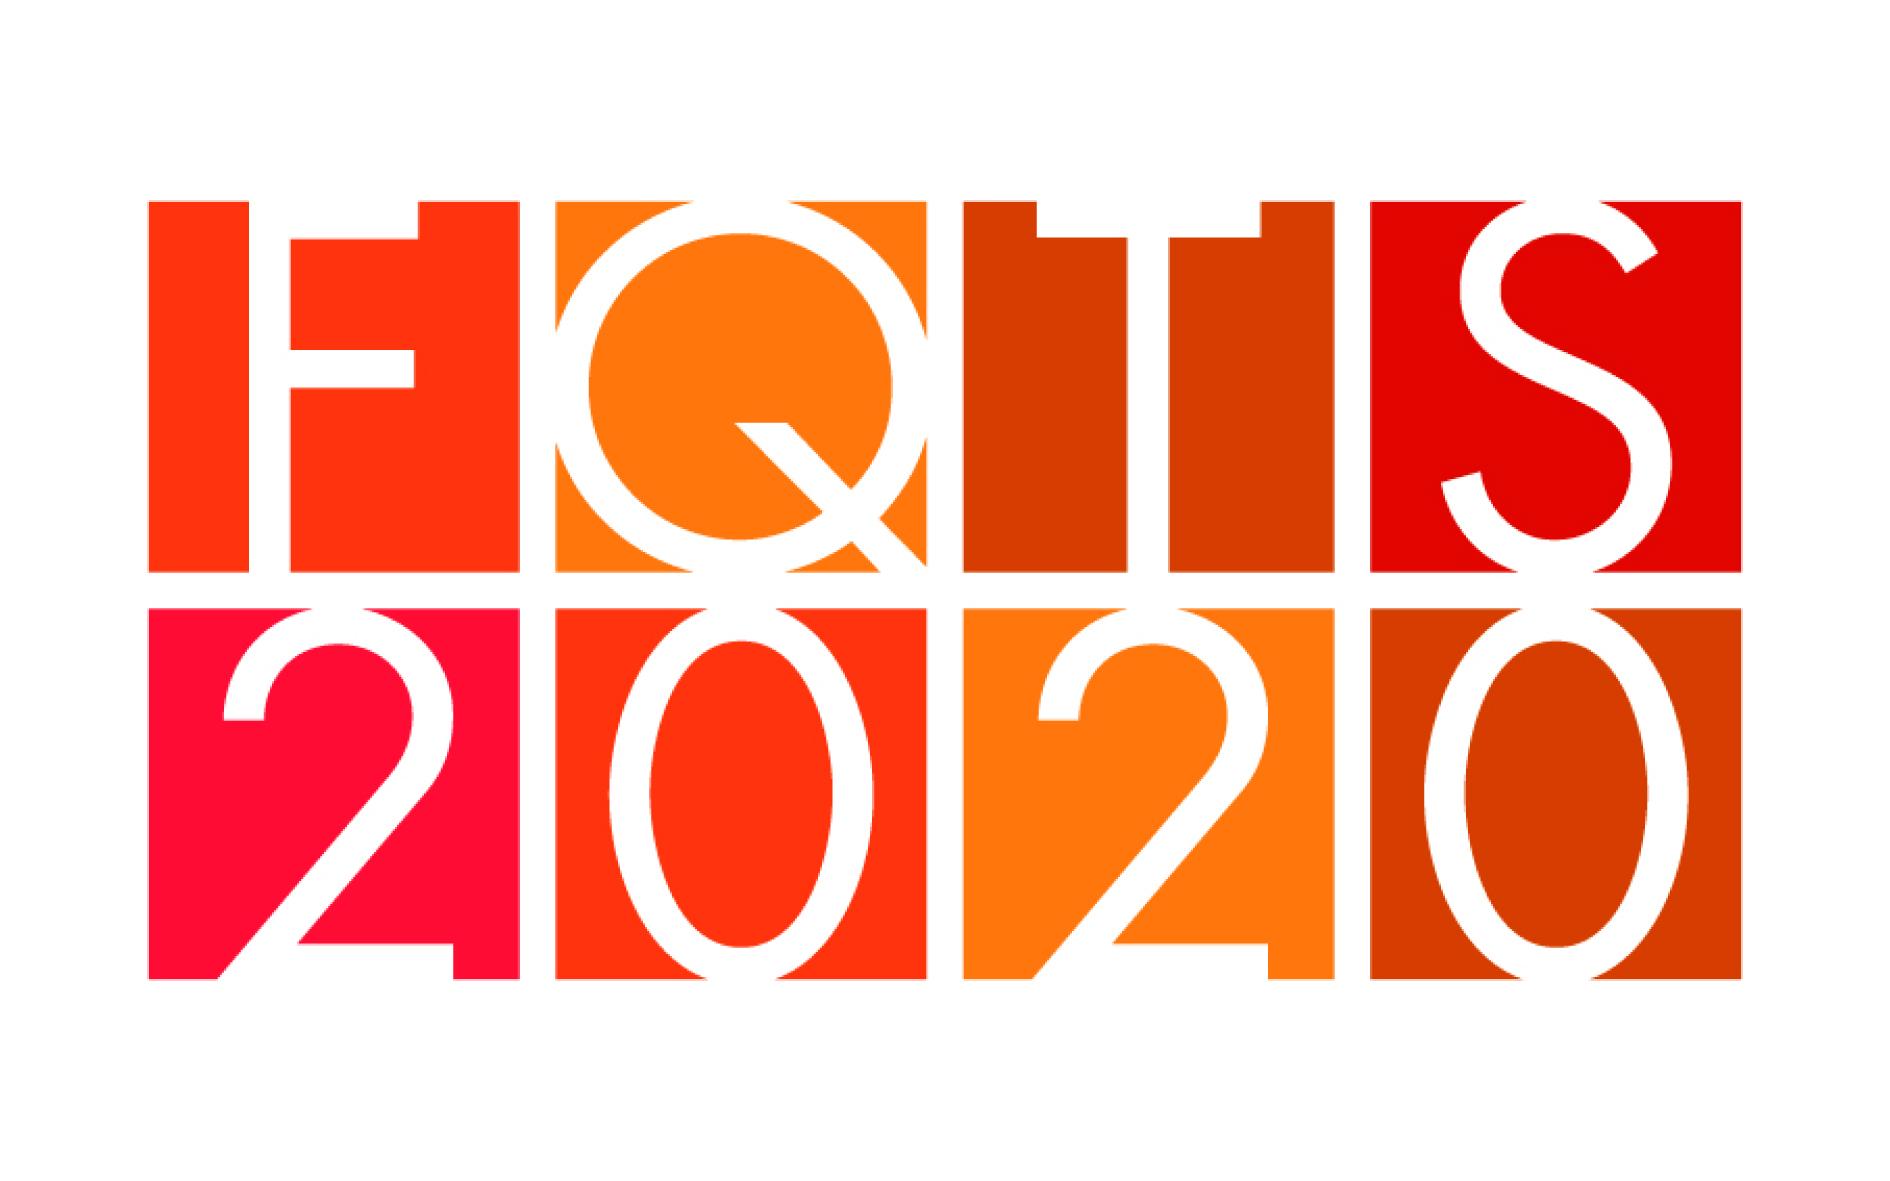 La Fondazione Nikolaos parte del progetto di FQTS 2020